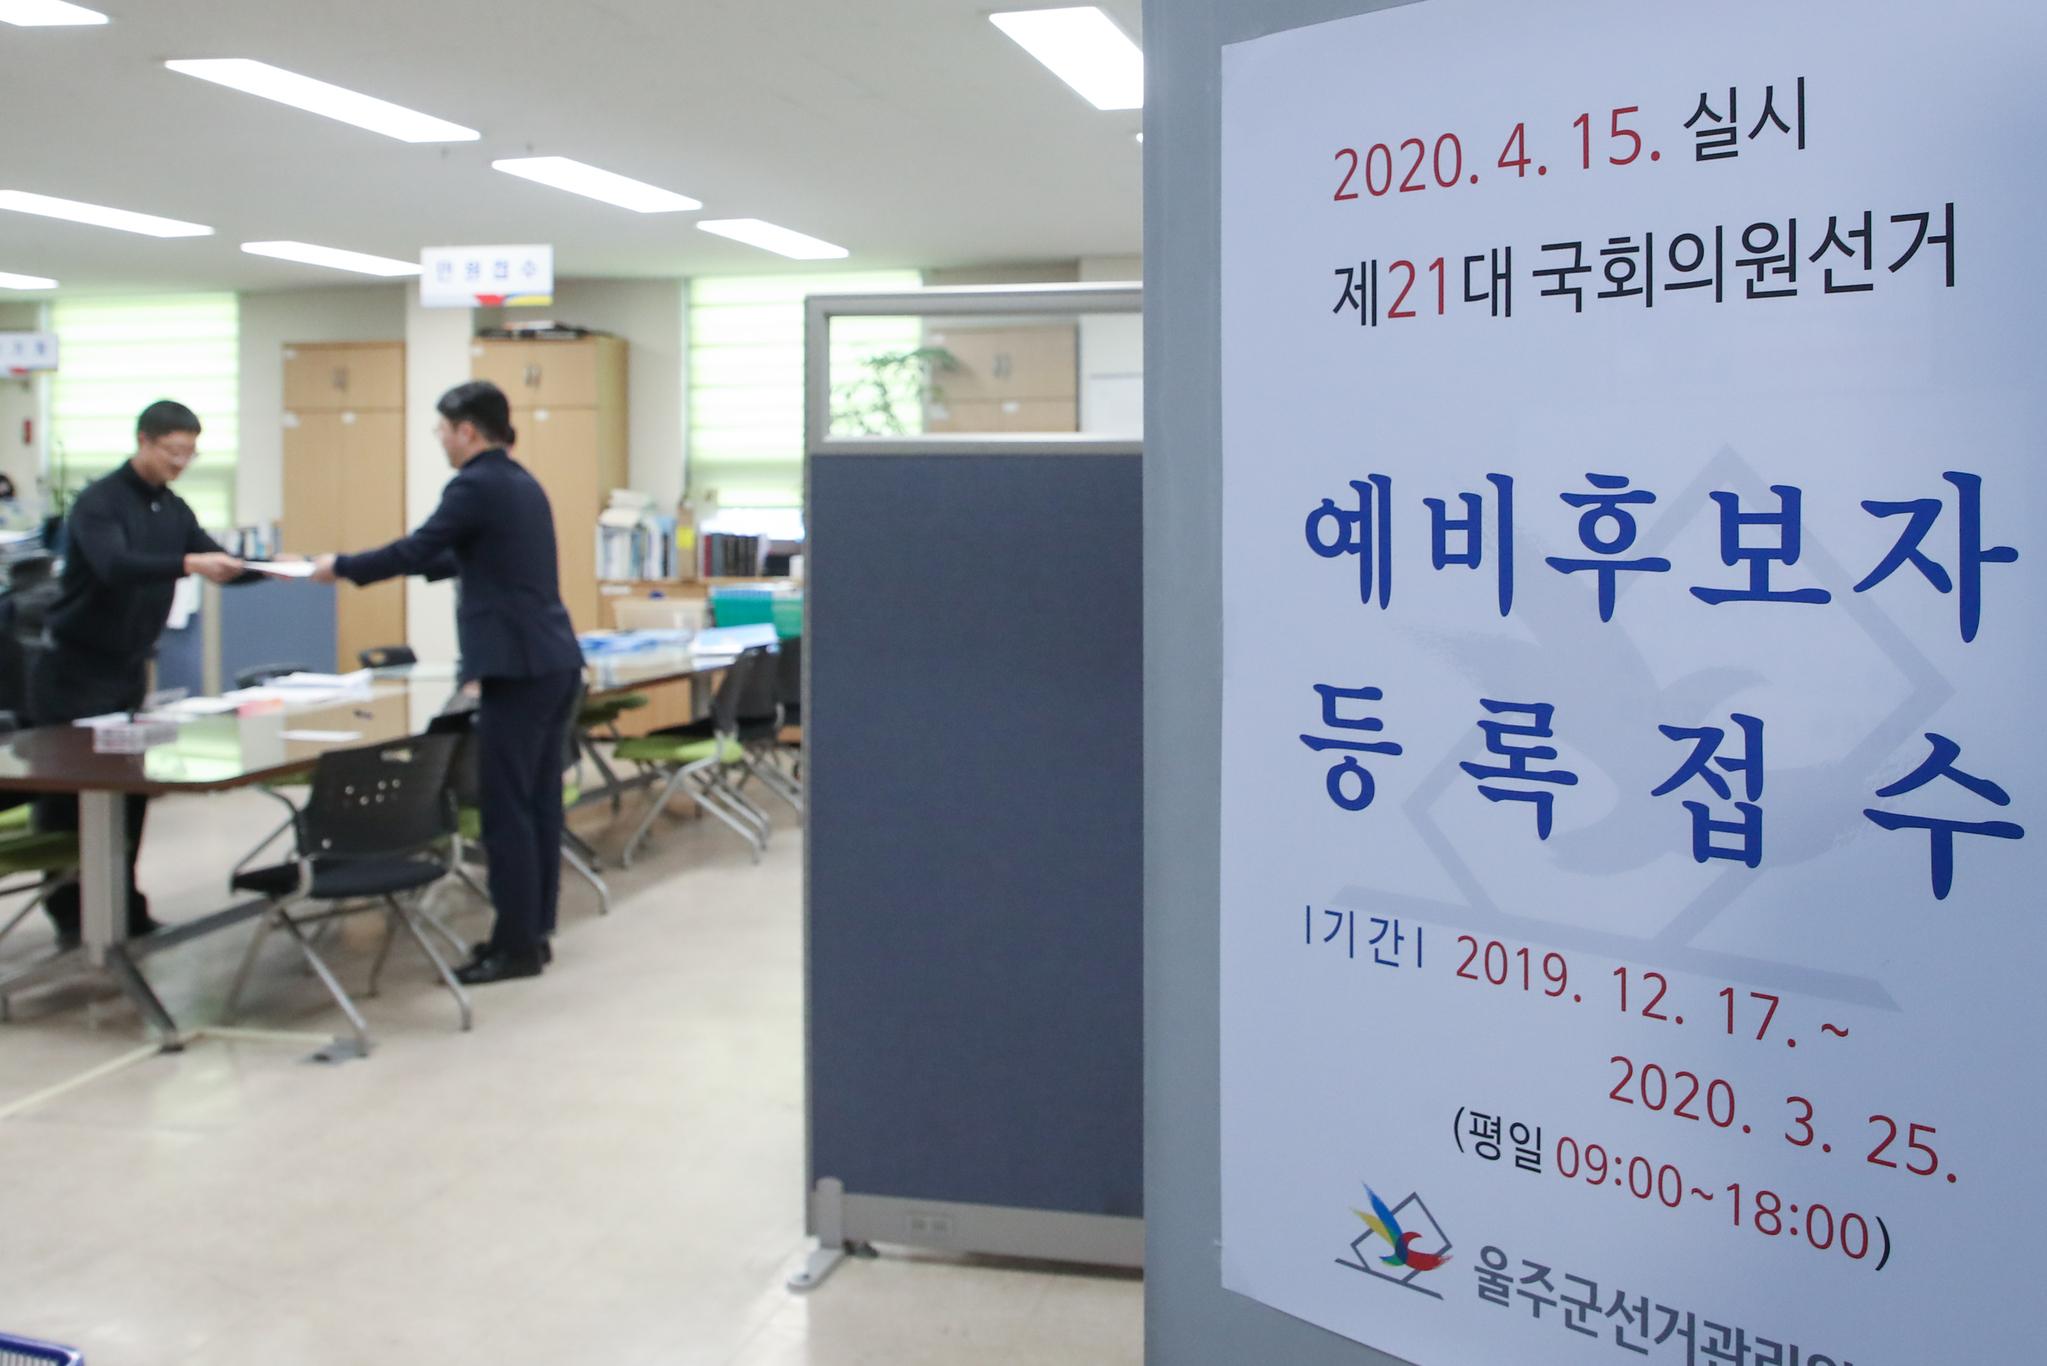 제21대 국회의원선거 예비후보자 등록이 시작된 17일 오전 울산시 남구선거관리위원회에서 예비후보들이 등록을 하고 있다. [뉴스1]